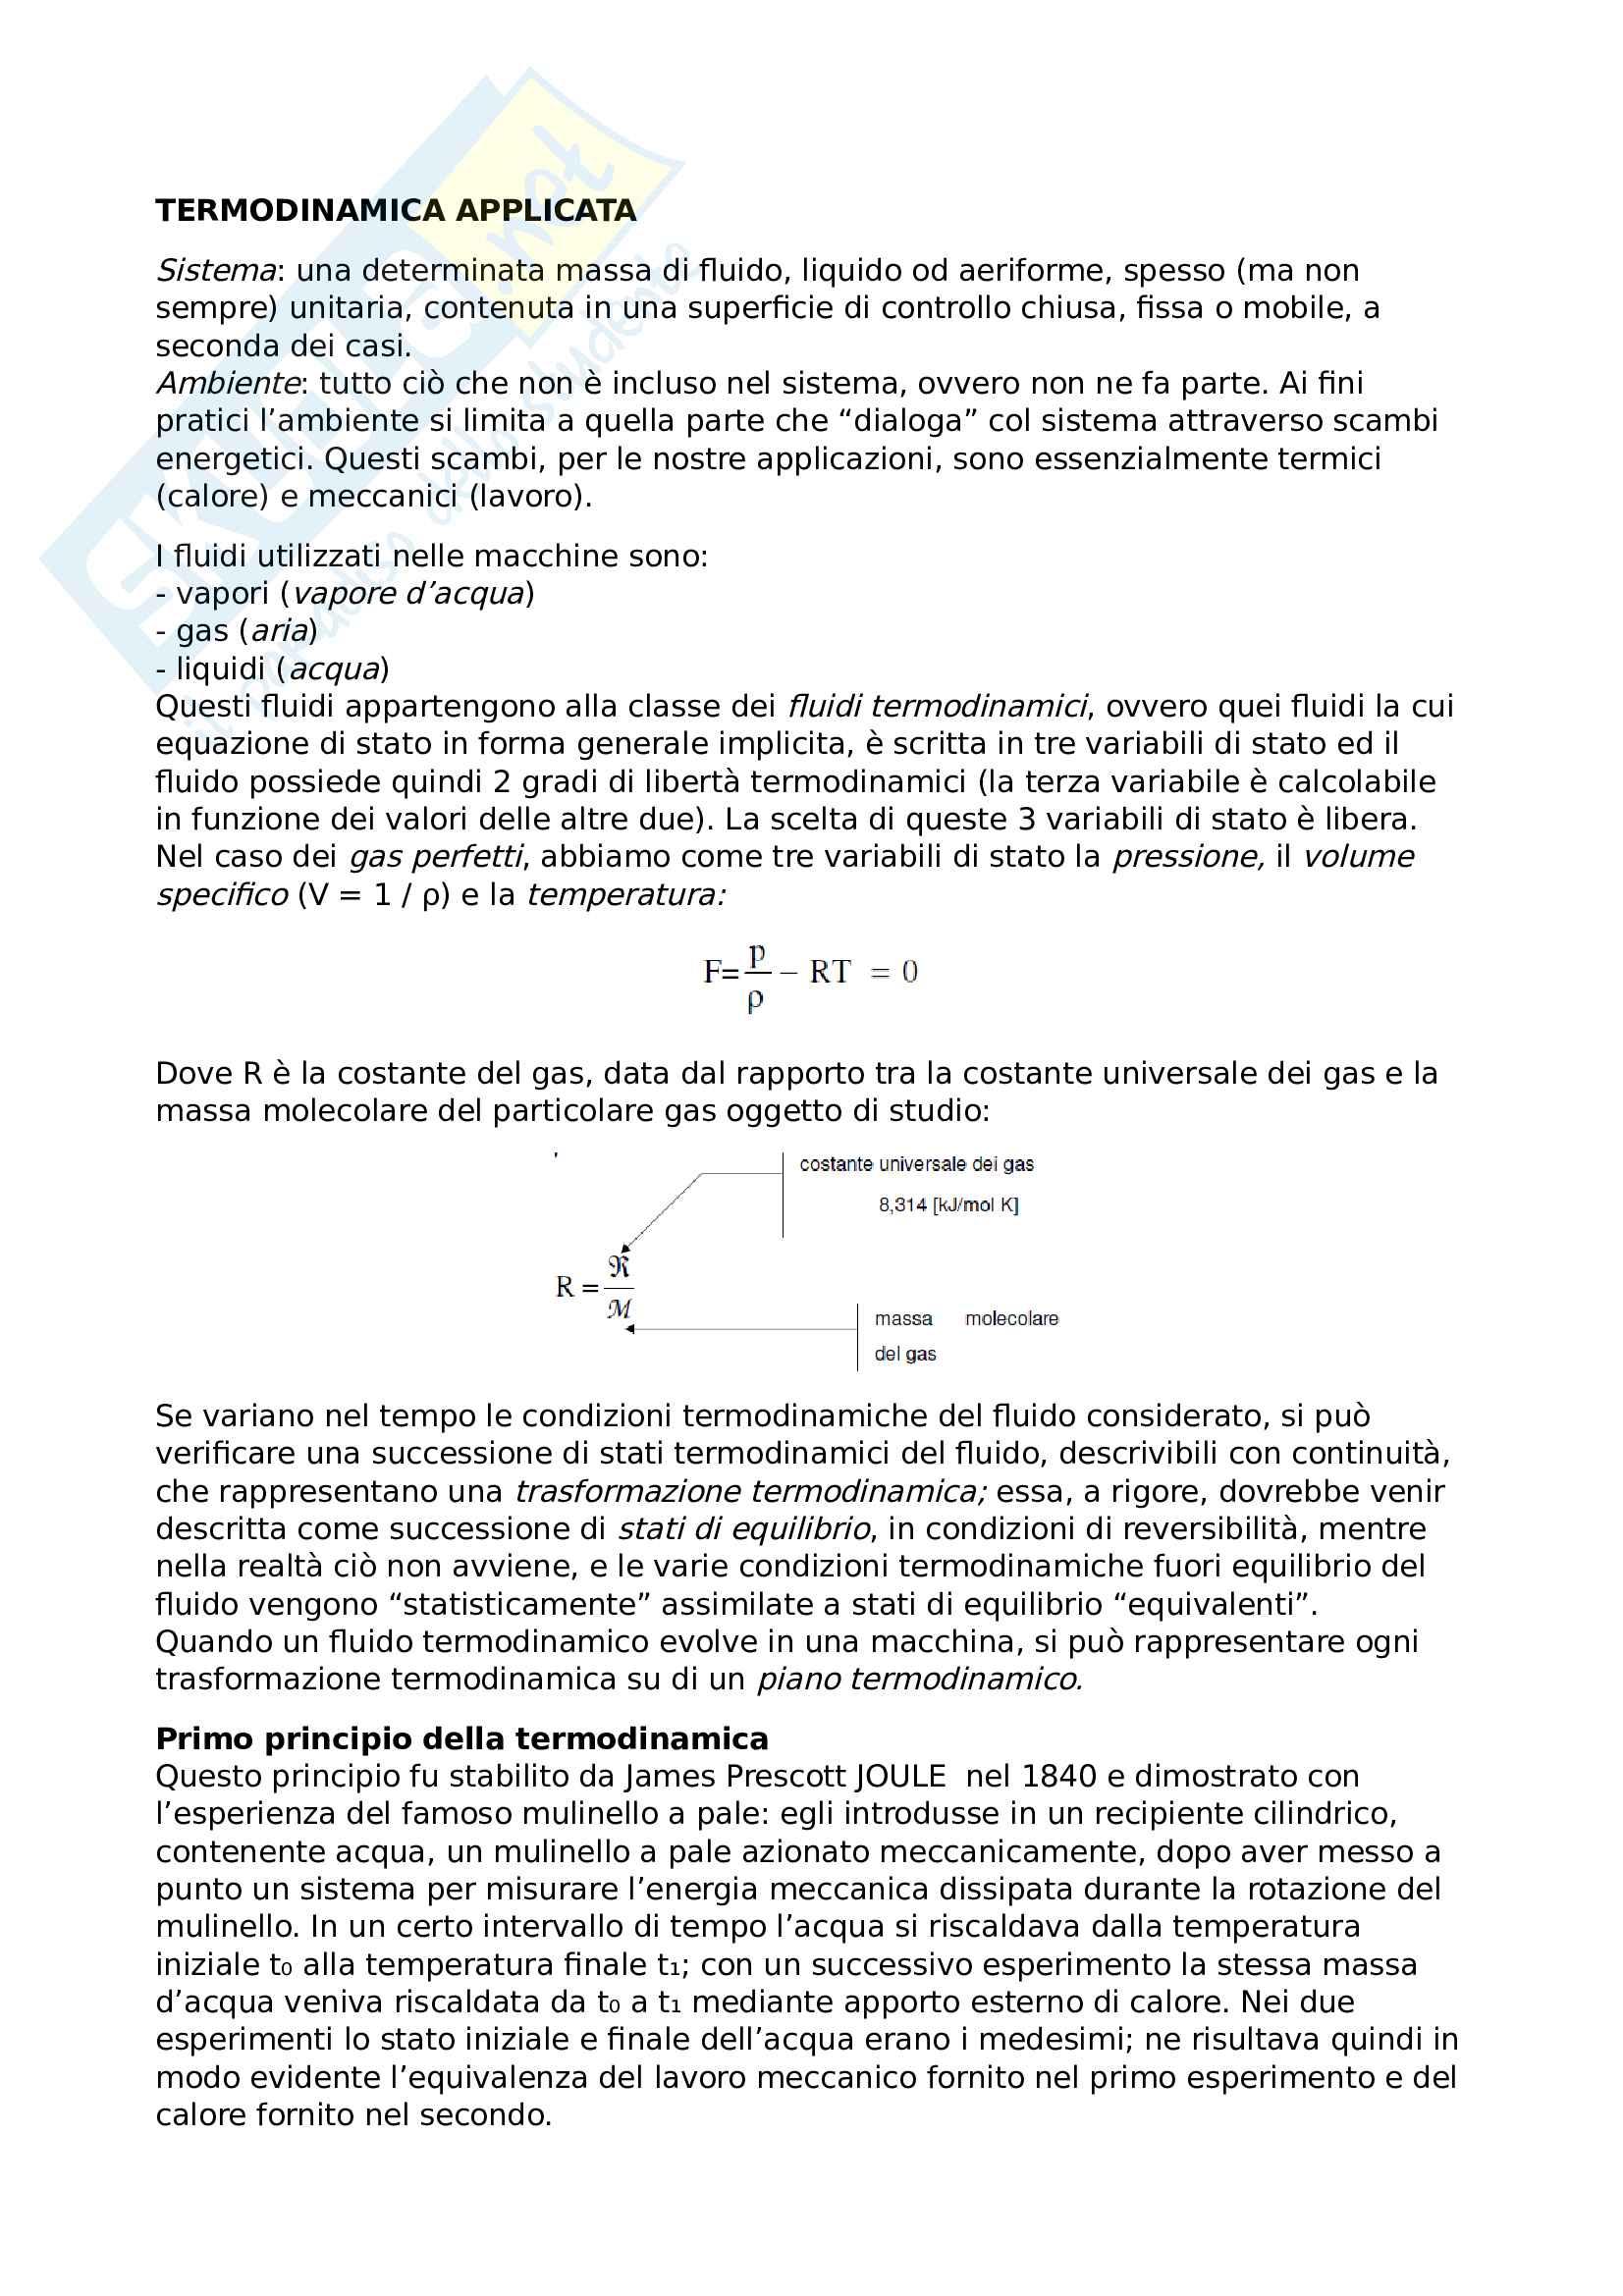 Termodinamica applicata Pag. 1